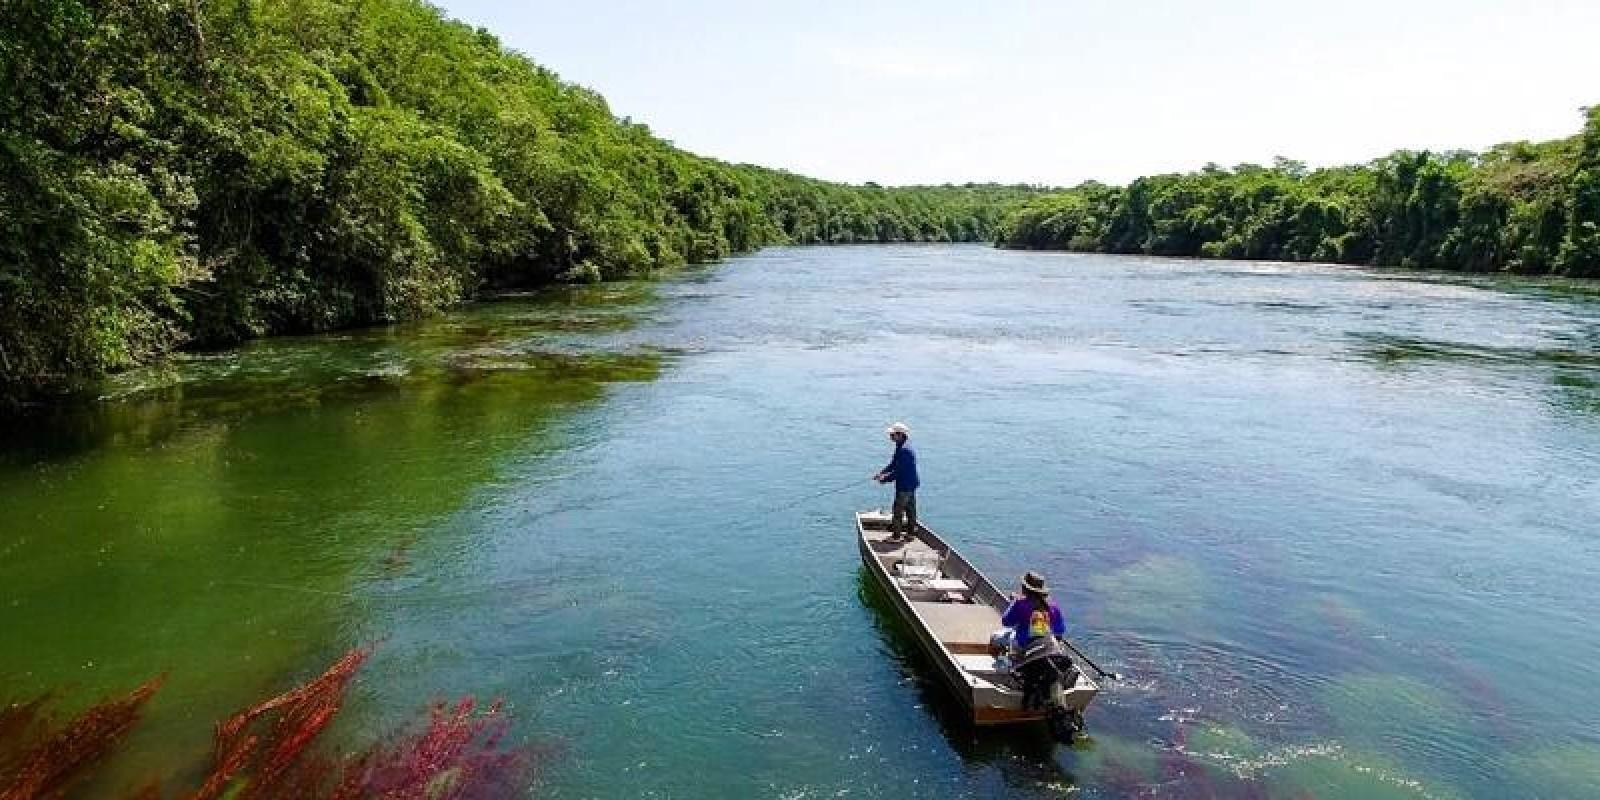 Pousada Rio Manso - Rio Manso MT. - Foto 6 de 20